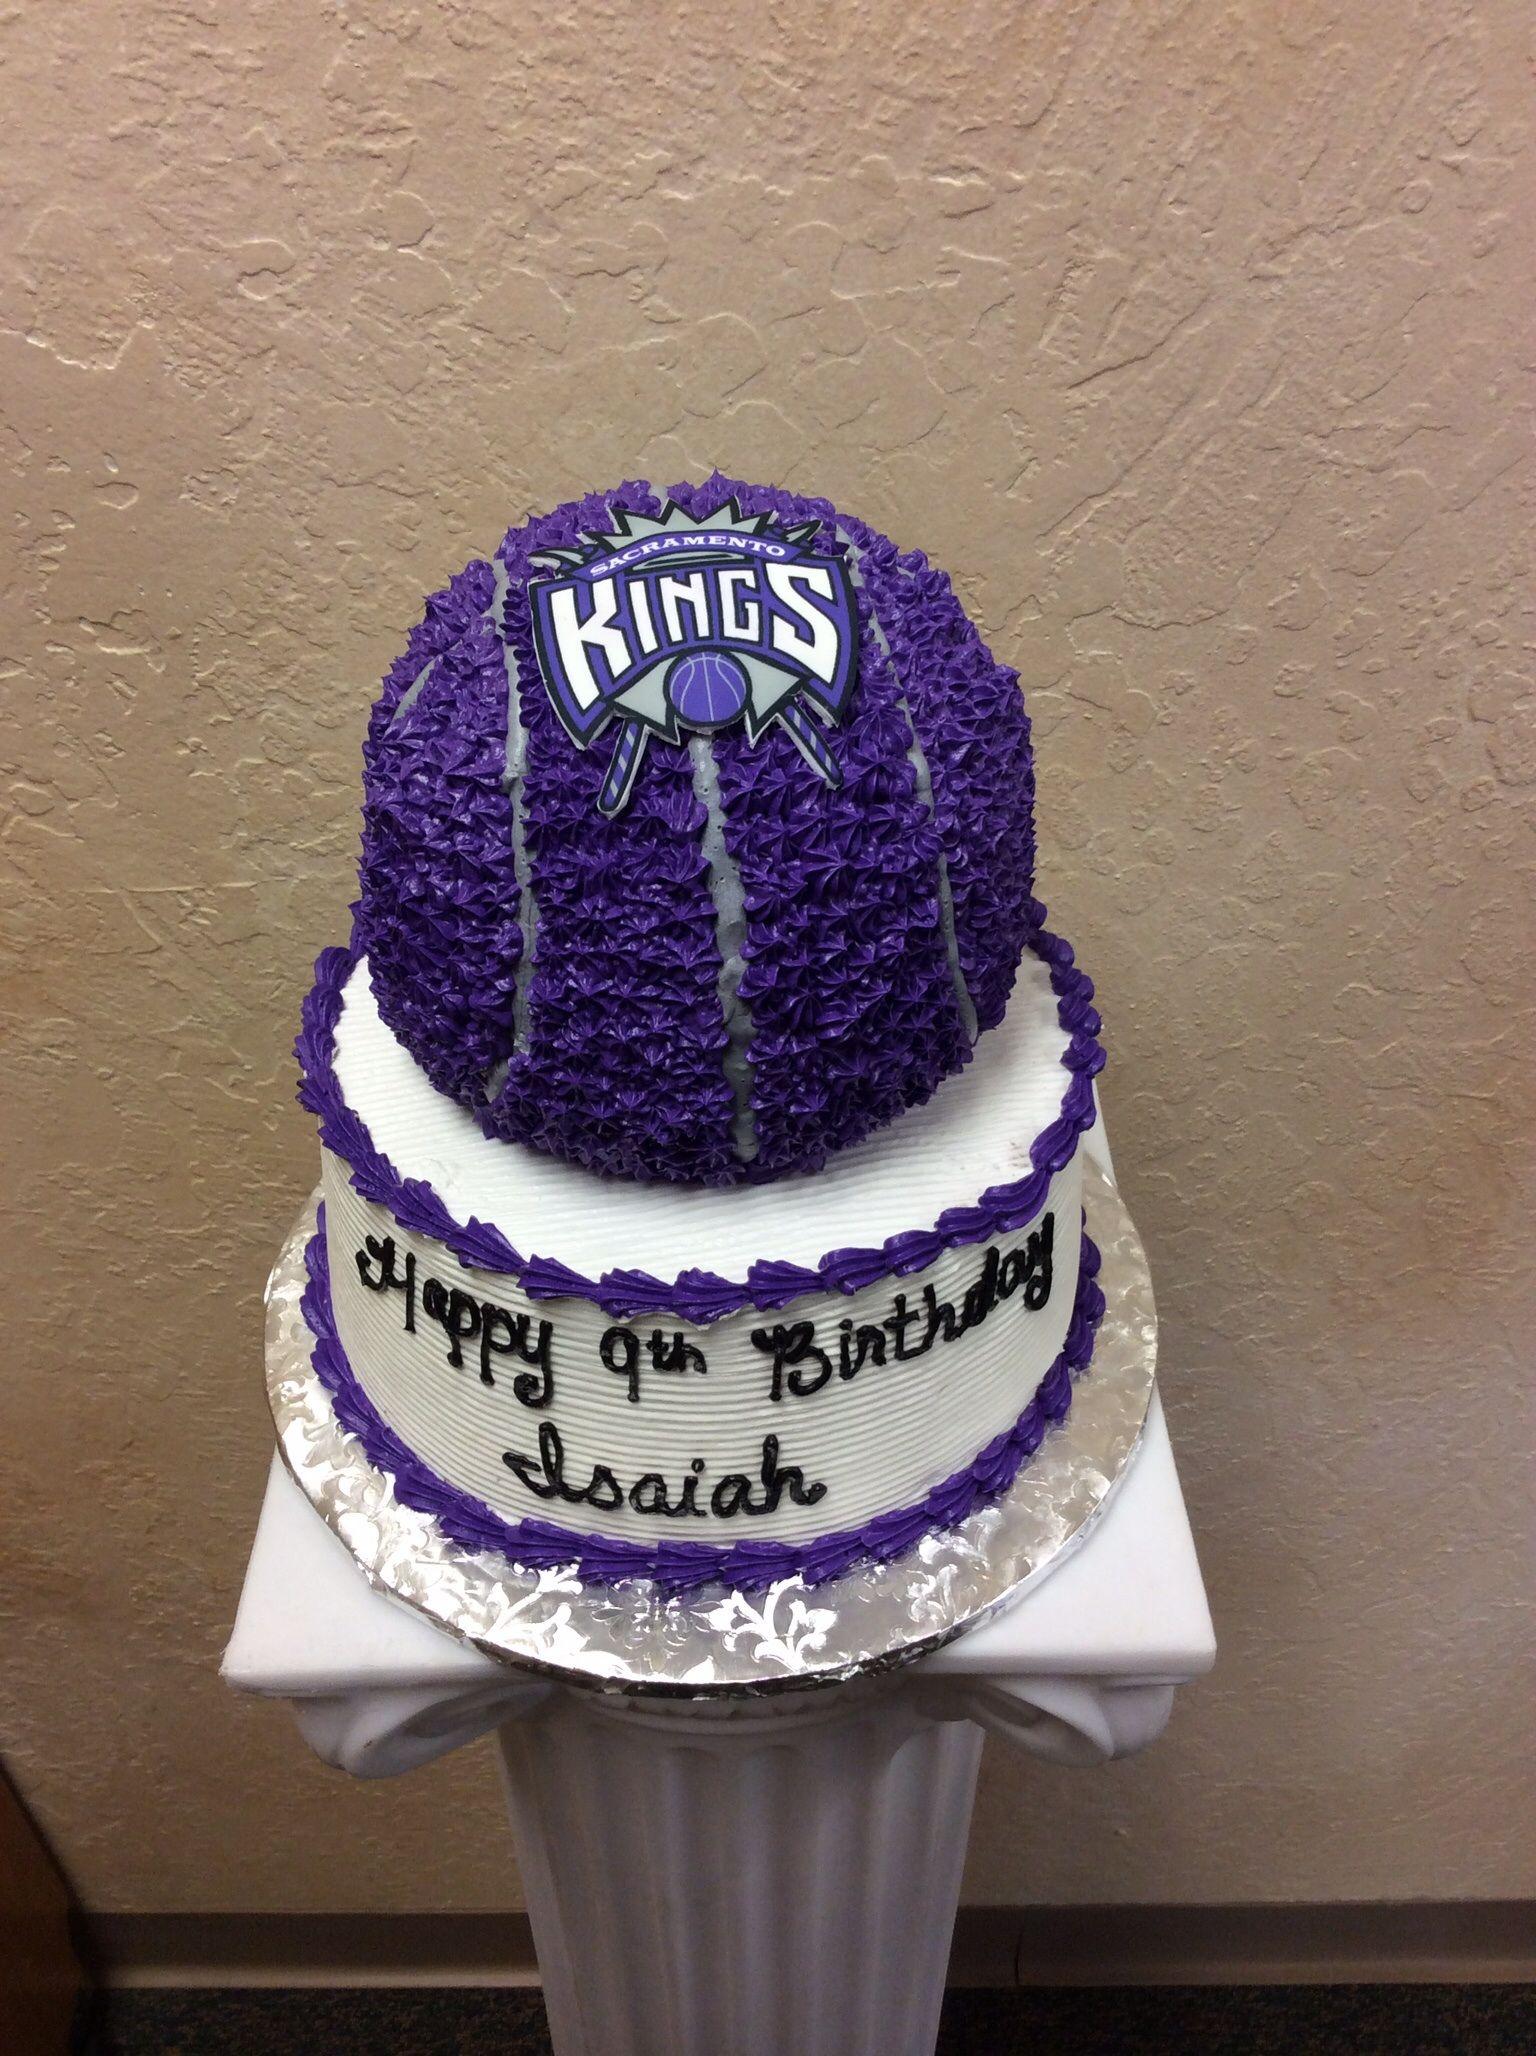 Enjoyable Sacramento Kings Cake Ball Pan On Top Of A 10 Sac Kings Edible Funny Birthday Cards Online Aeocydamsfinfo